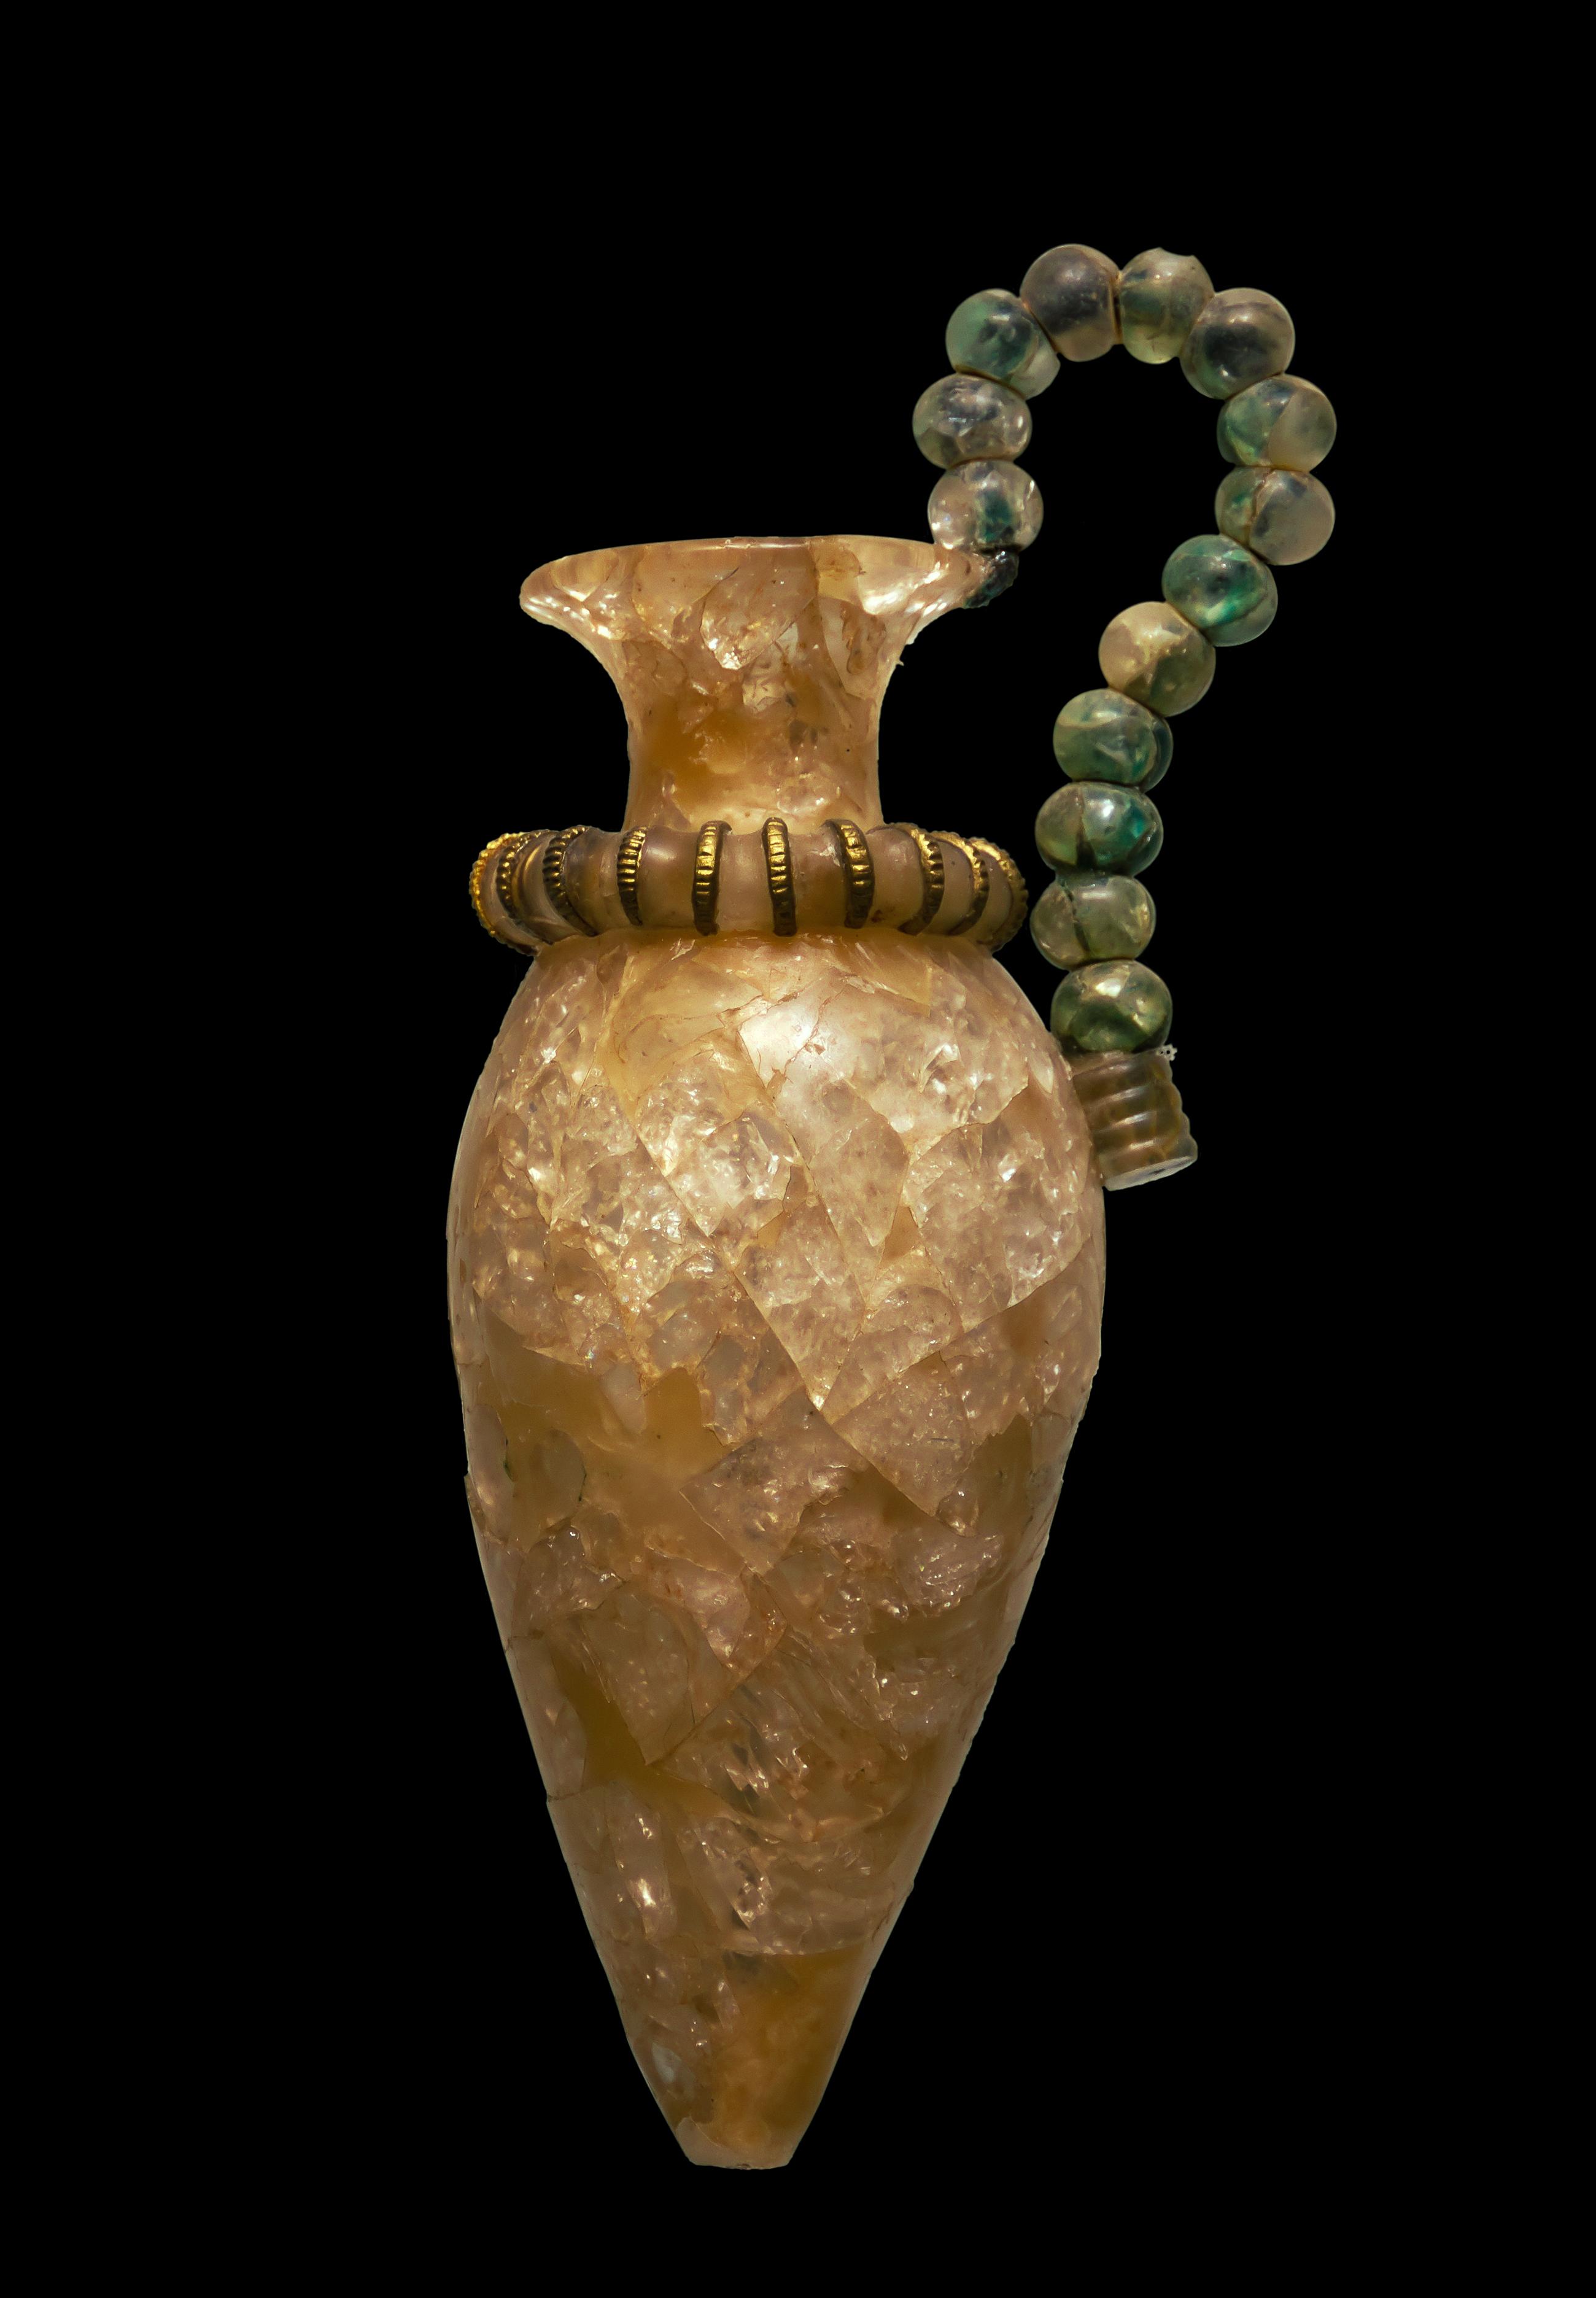 Vase En Cristal De Boheme Rectangulaire Decor Ef Bf Bd De Fleurs